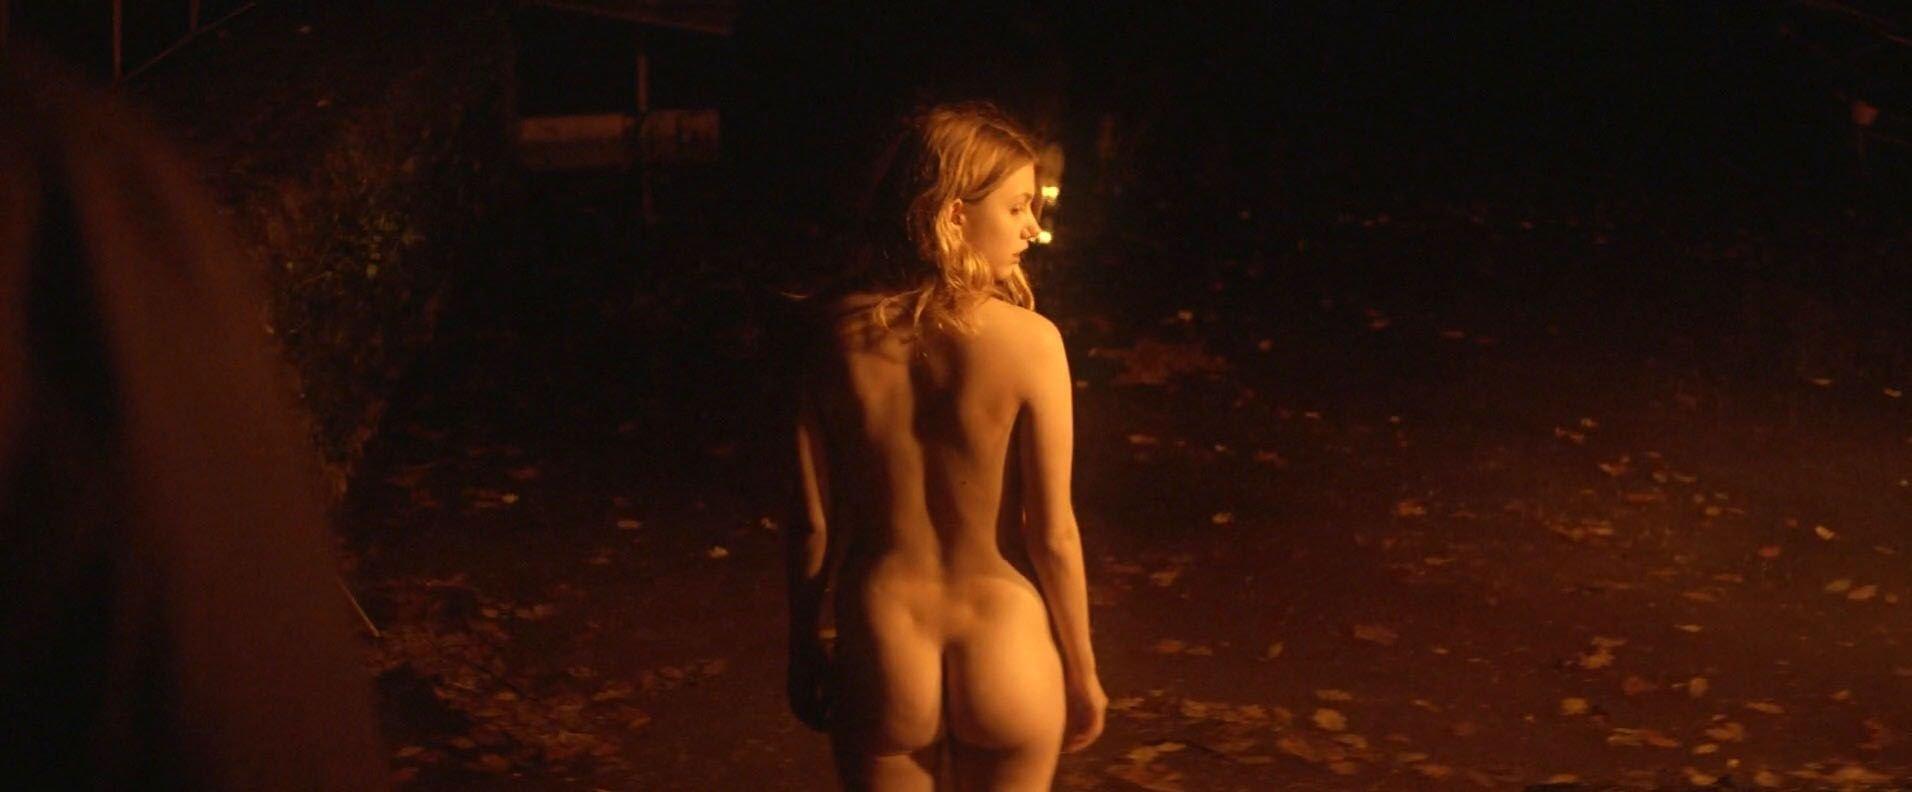 hannah murray naked